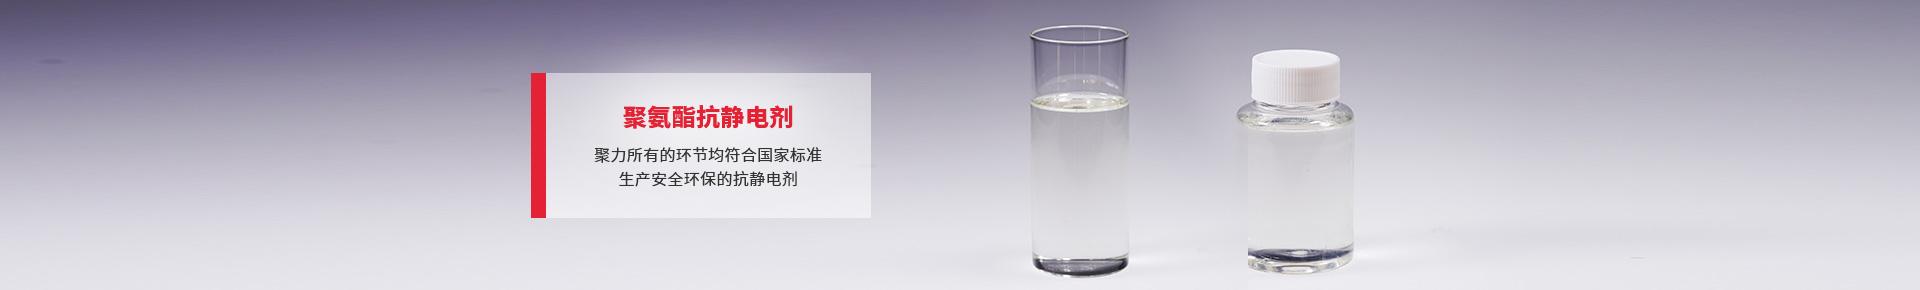 聚氨酯抗静电剂